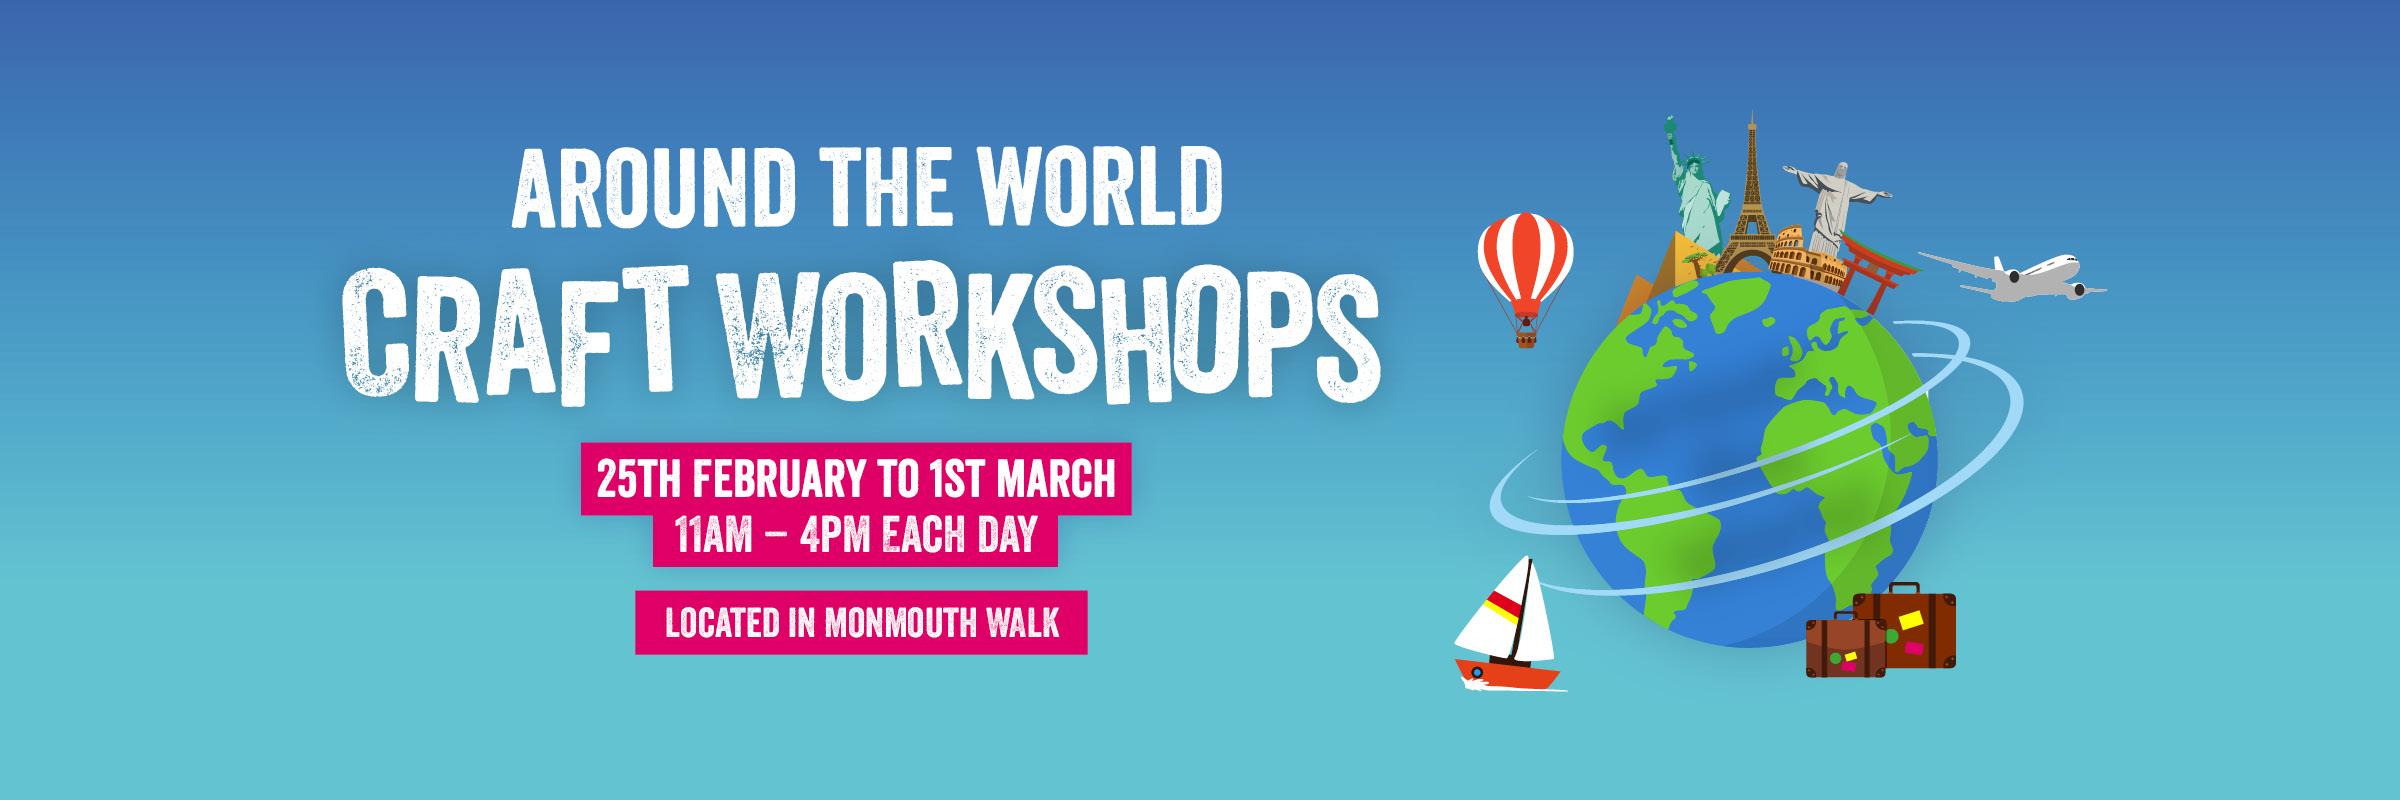 Around the World Craft Workshops!